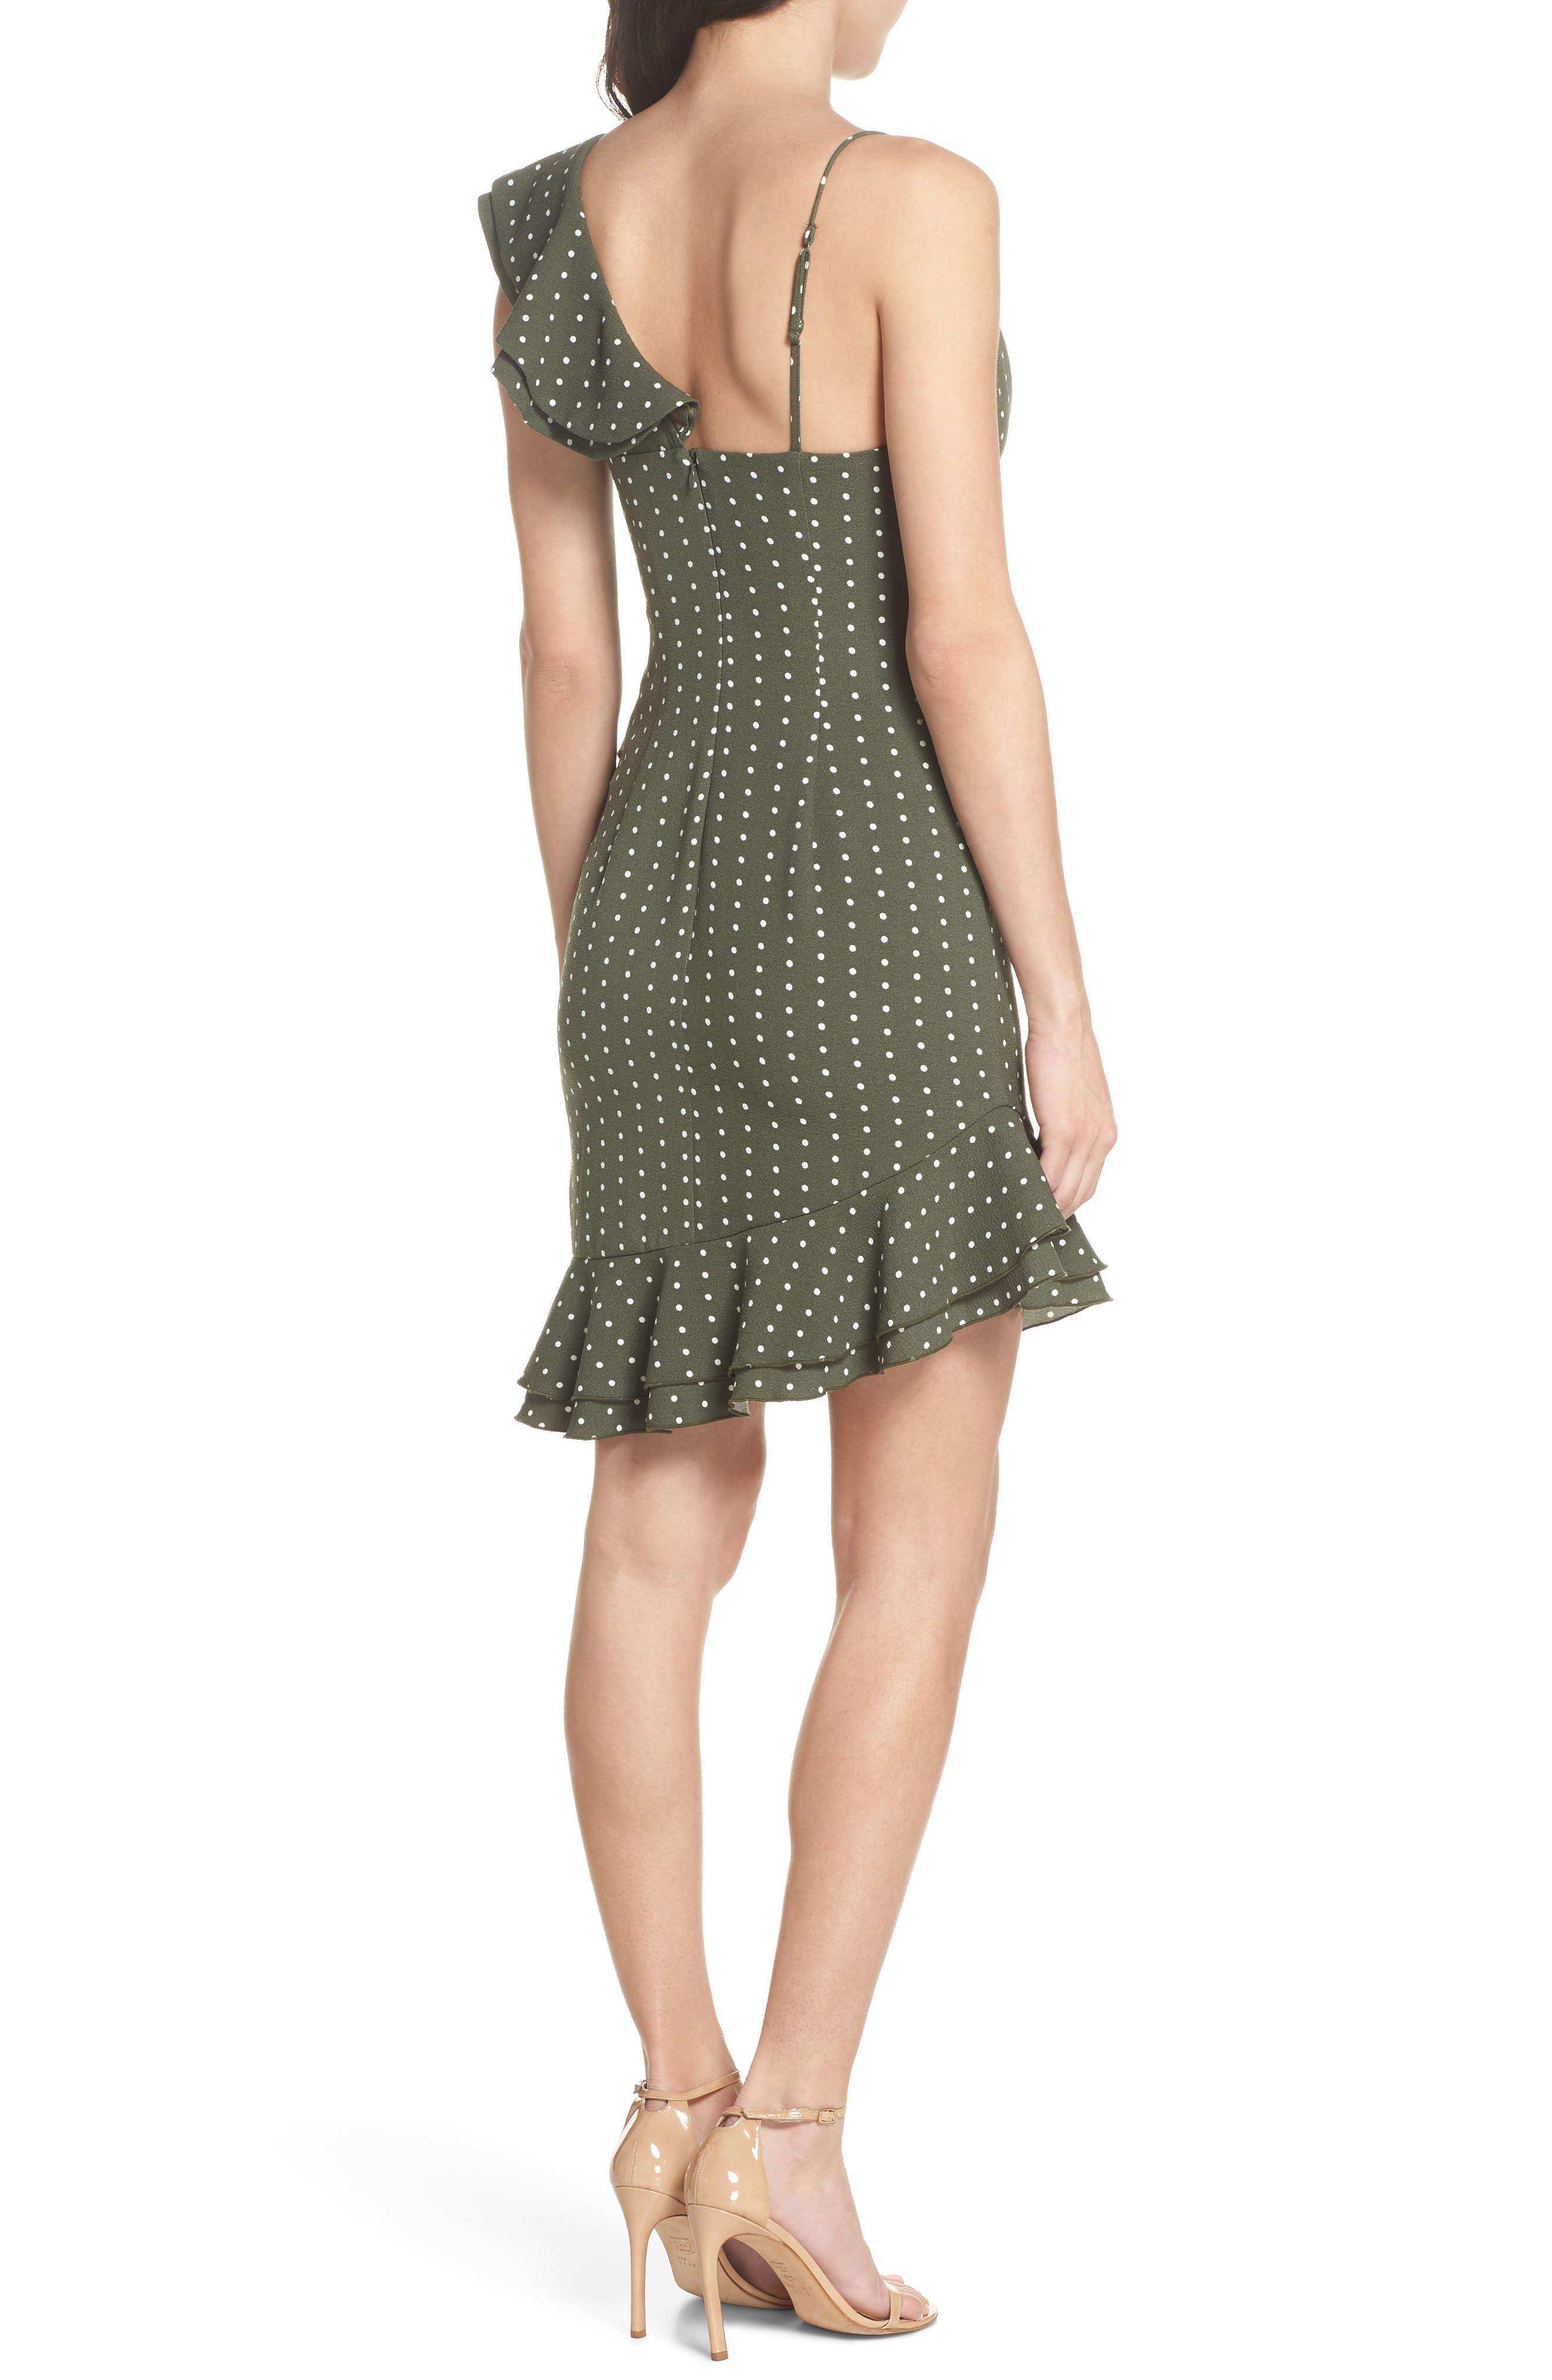 Entice Dot Ruffle Trim Dress,                             Alternate thumbnail 2, color,                             Khaki W Ivory Spot